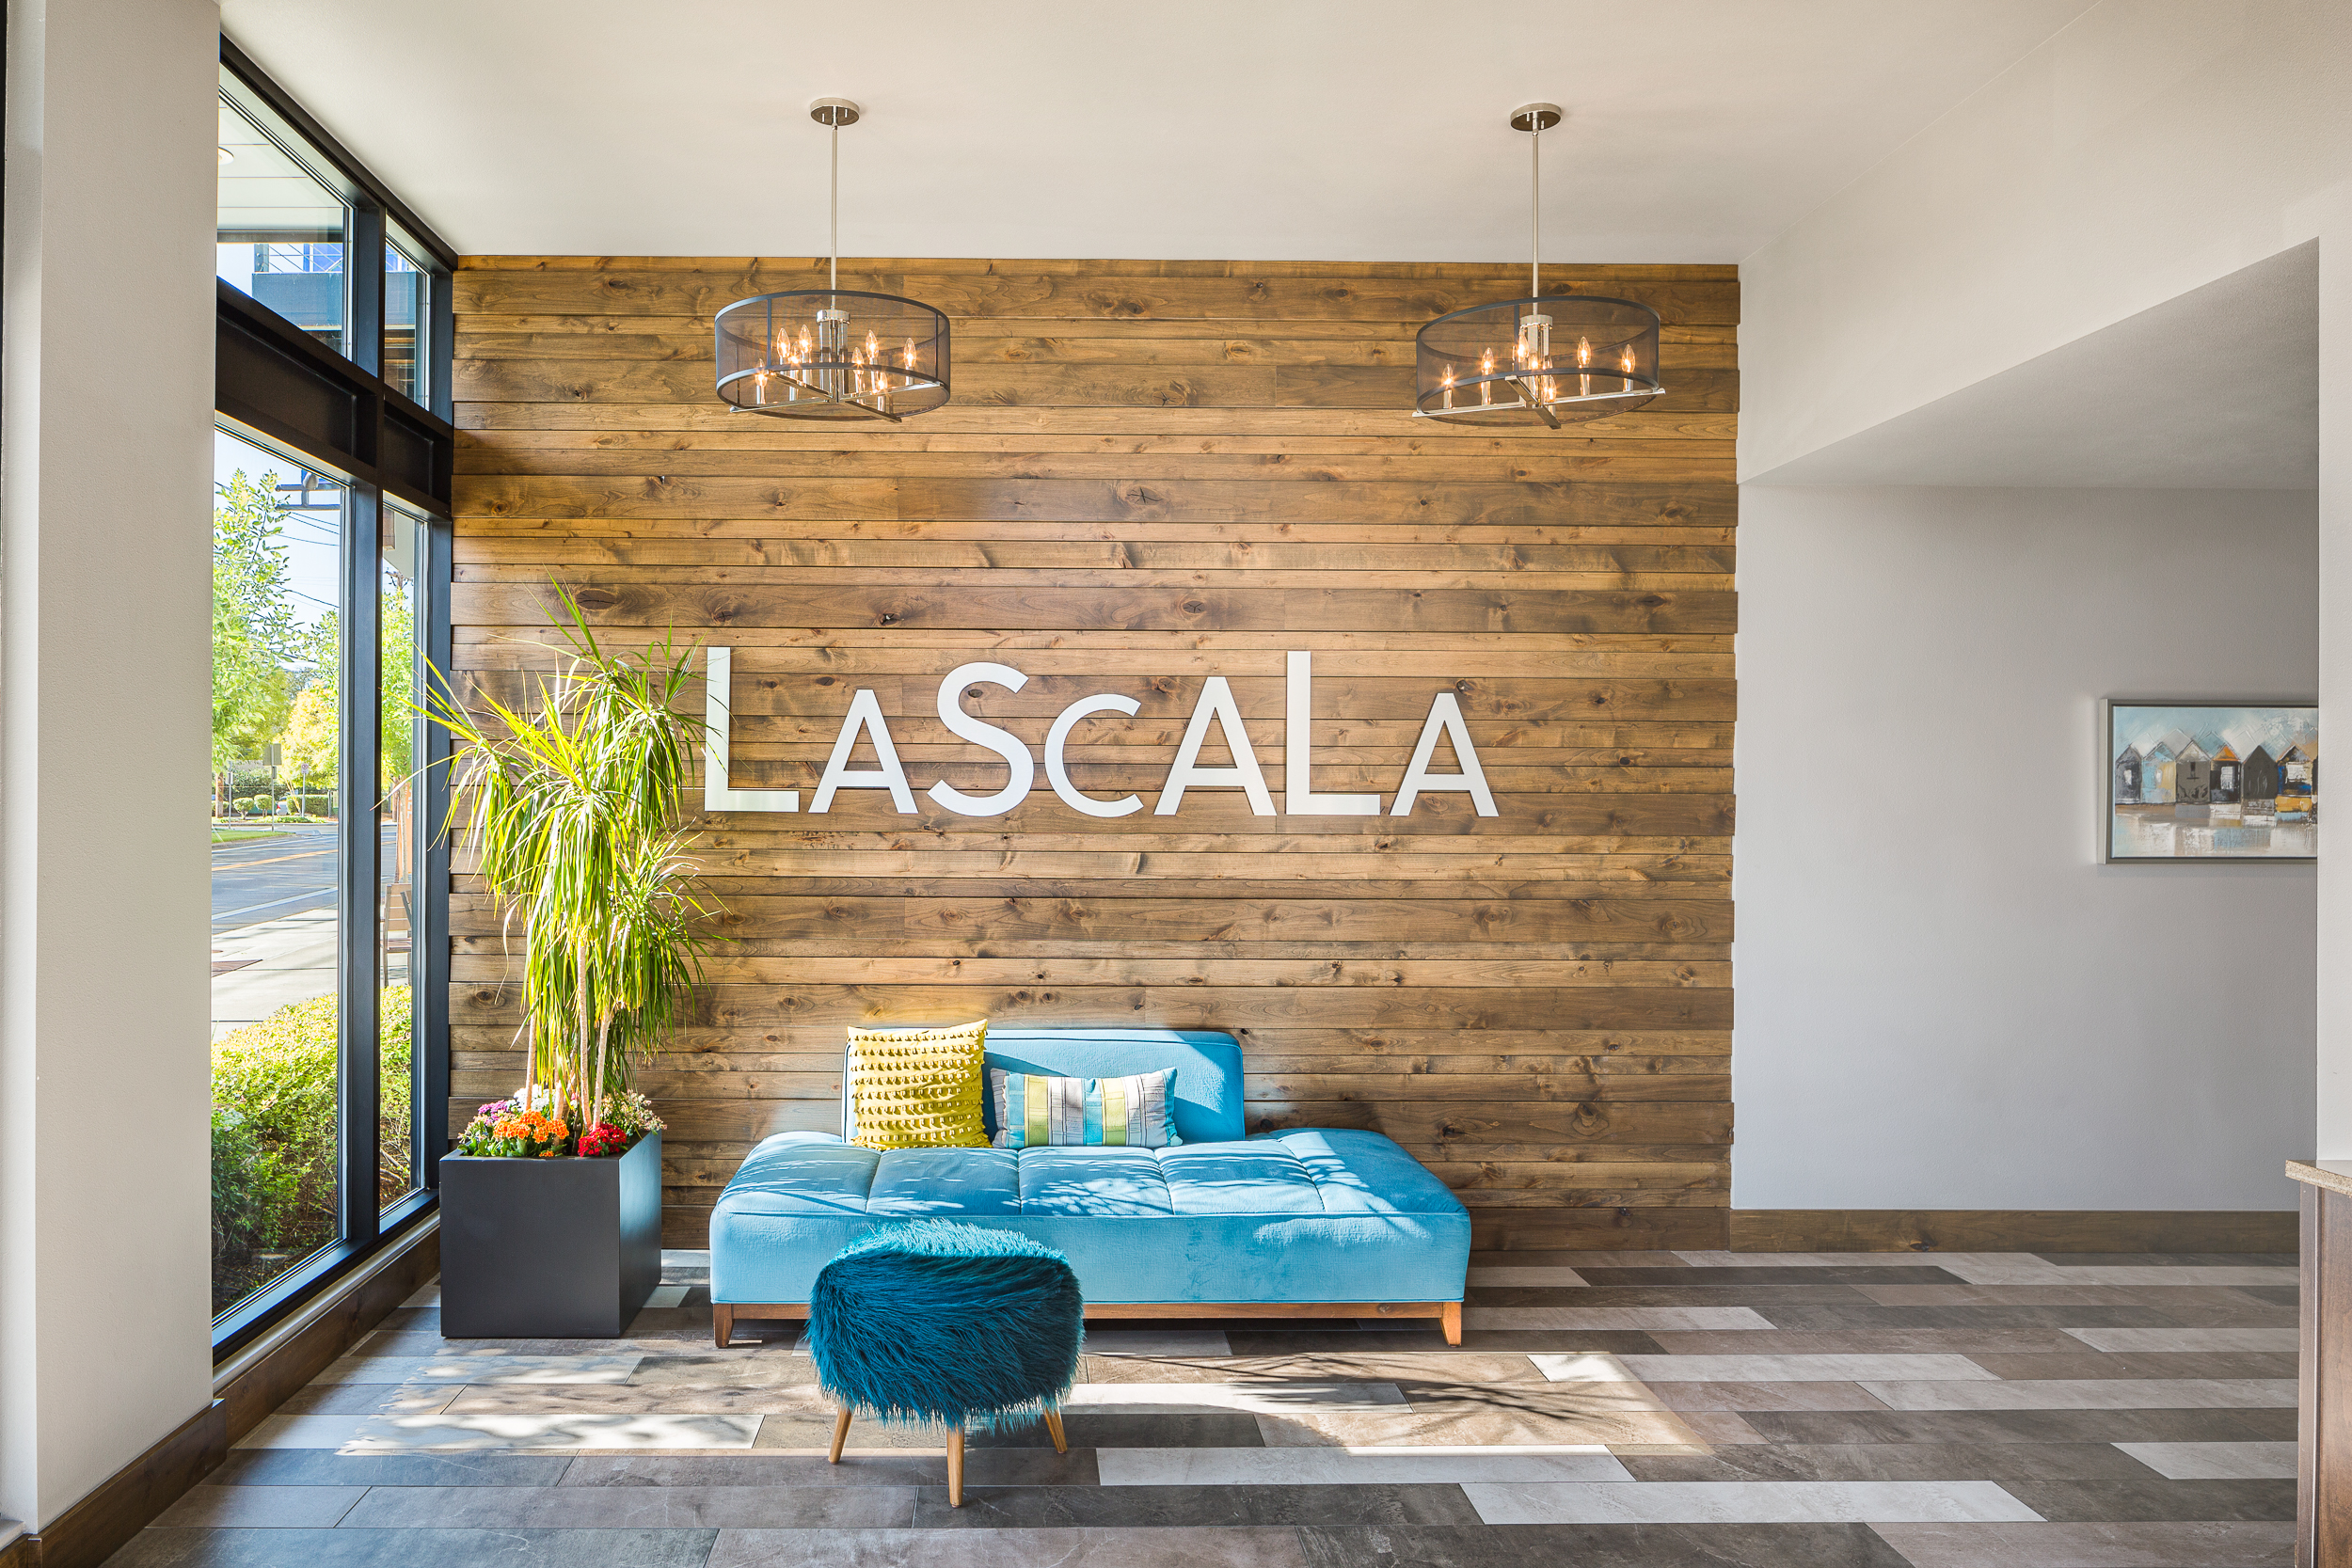 06-LaScala-JoshPartee-0062.jpg